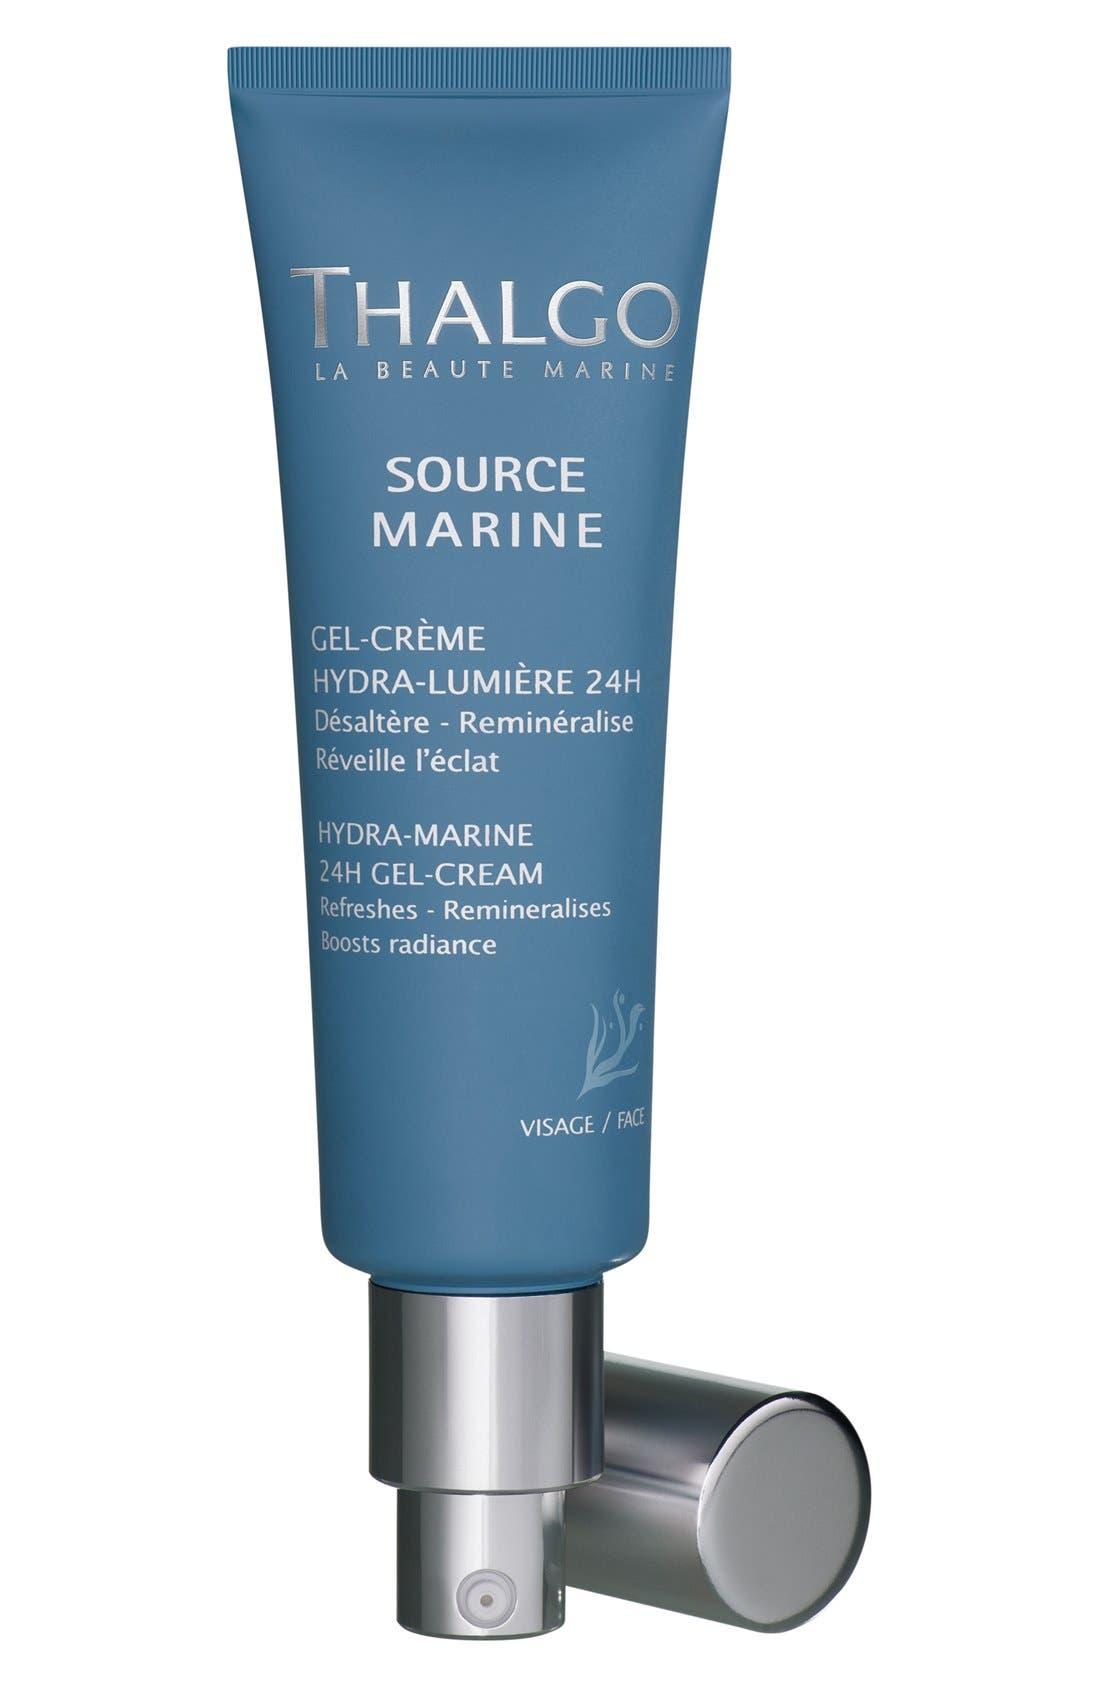 Thalgo 'Hydra-Marine 24h' Gel-Cream (Limited Edition)